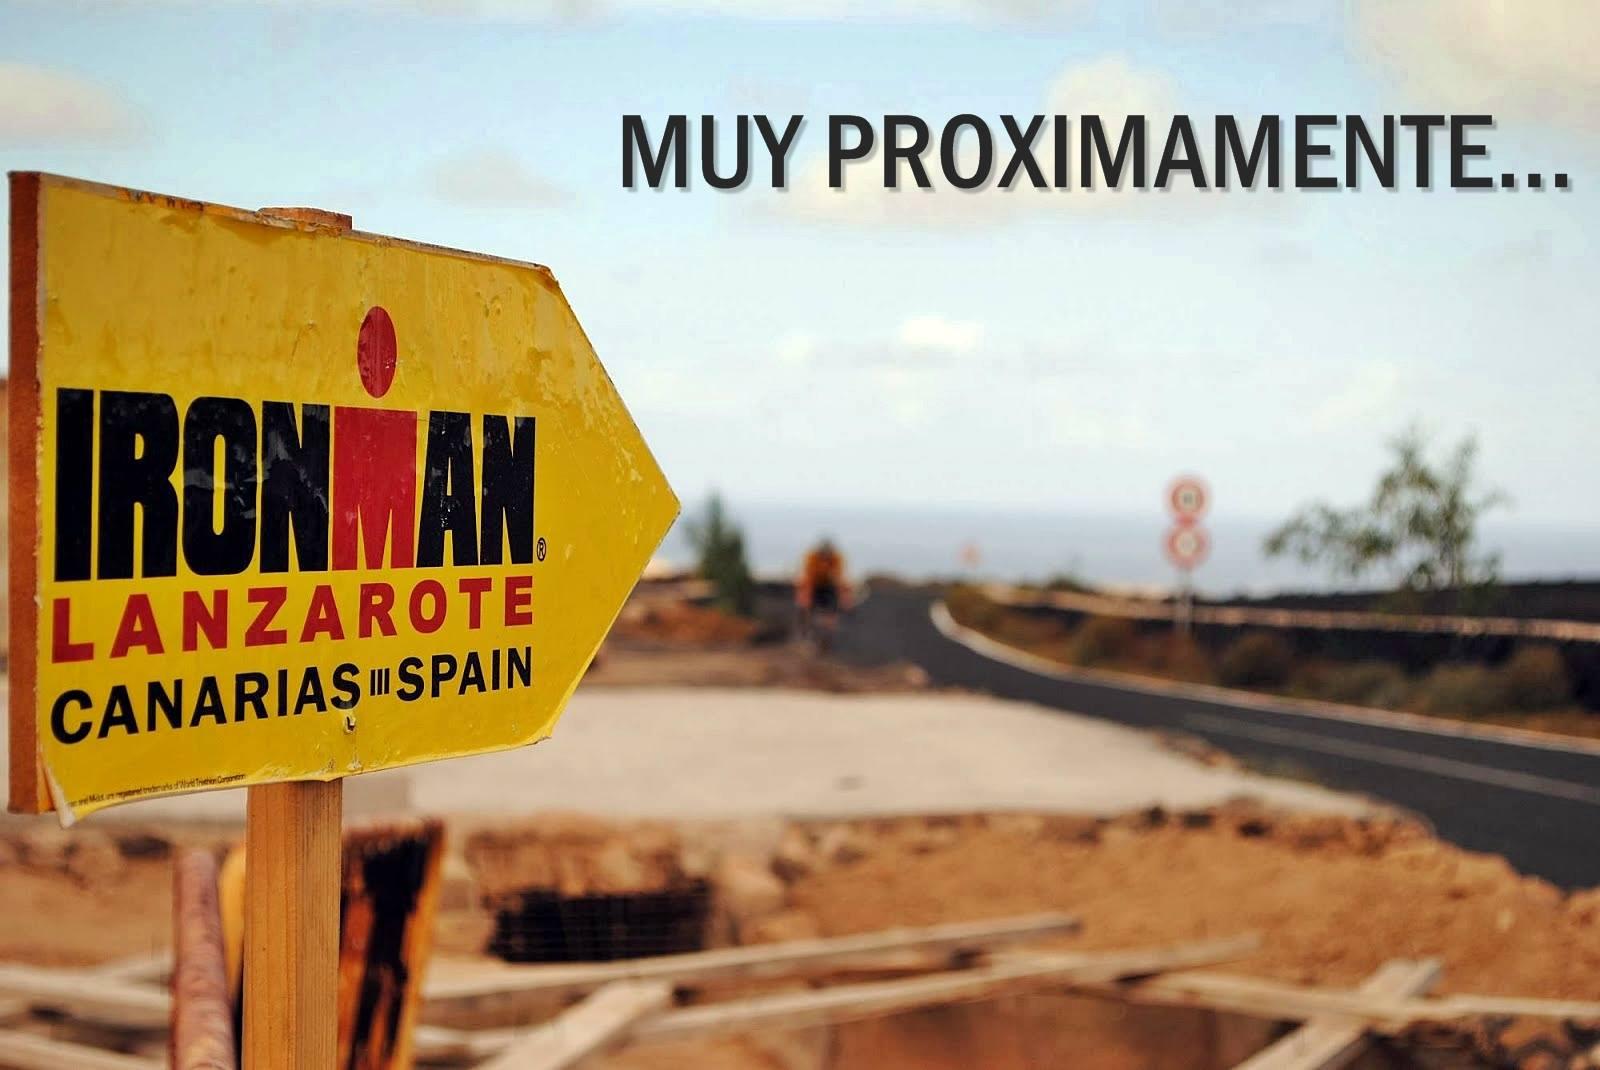 Ironman de Lanzarote ´16: Viaja con nosotros a una experiencia única.